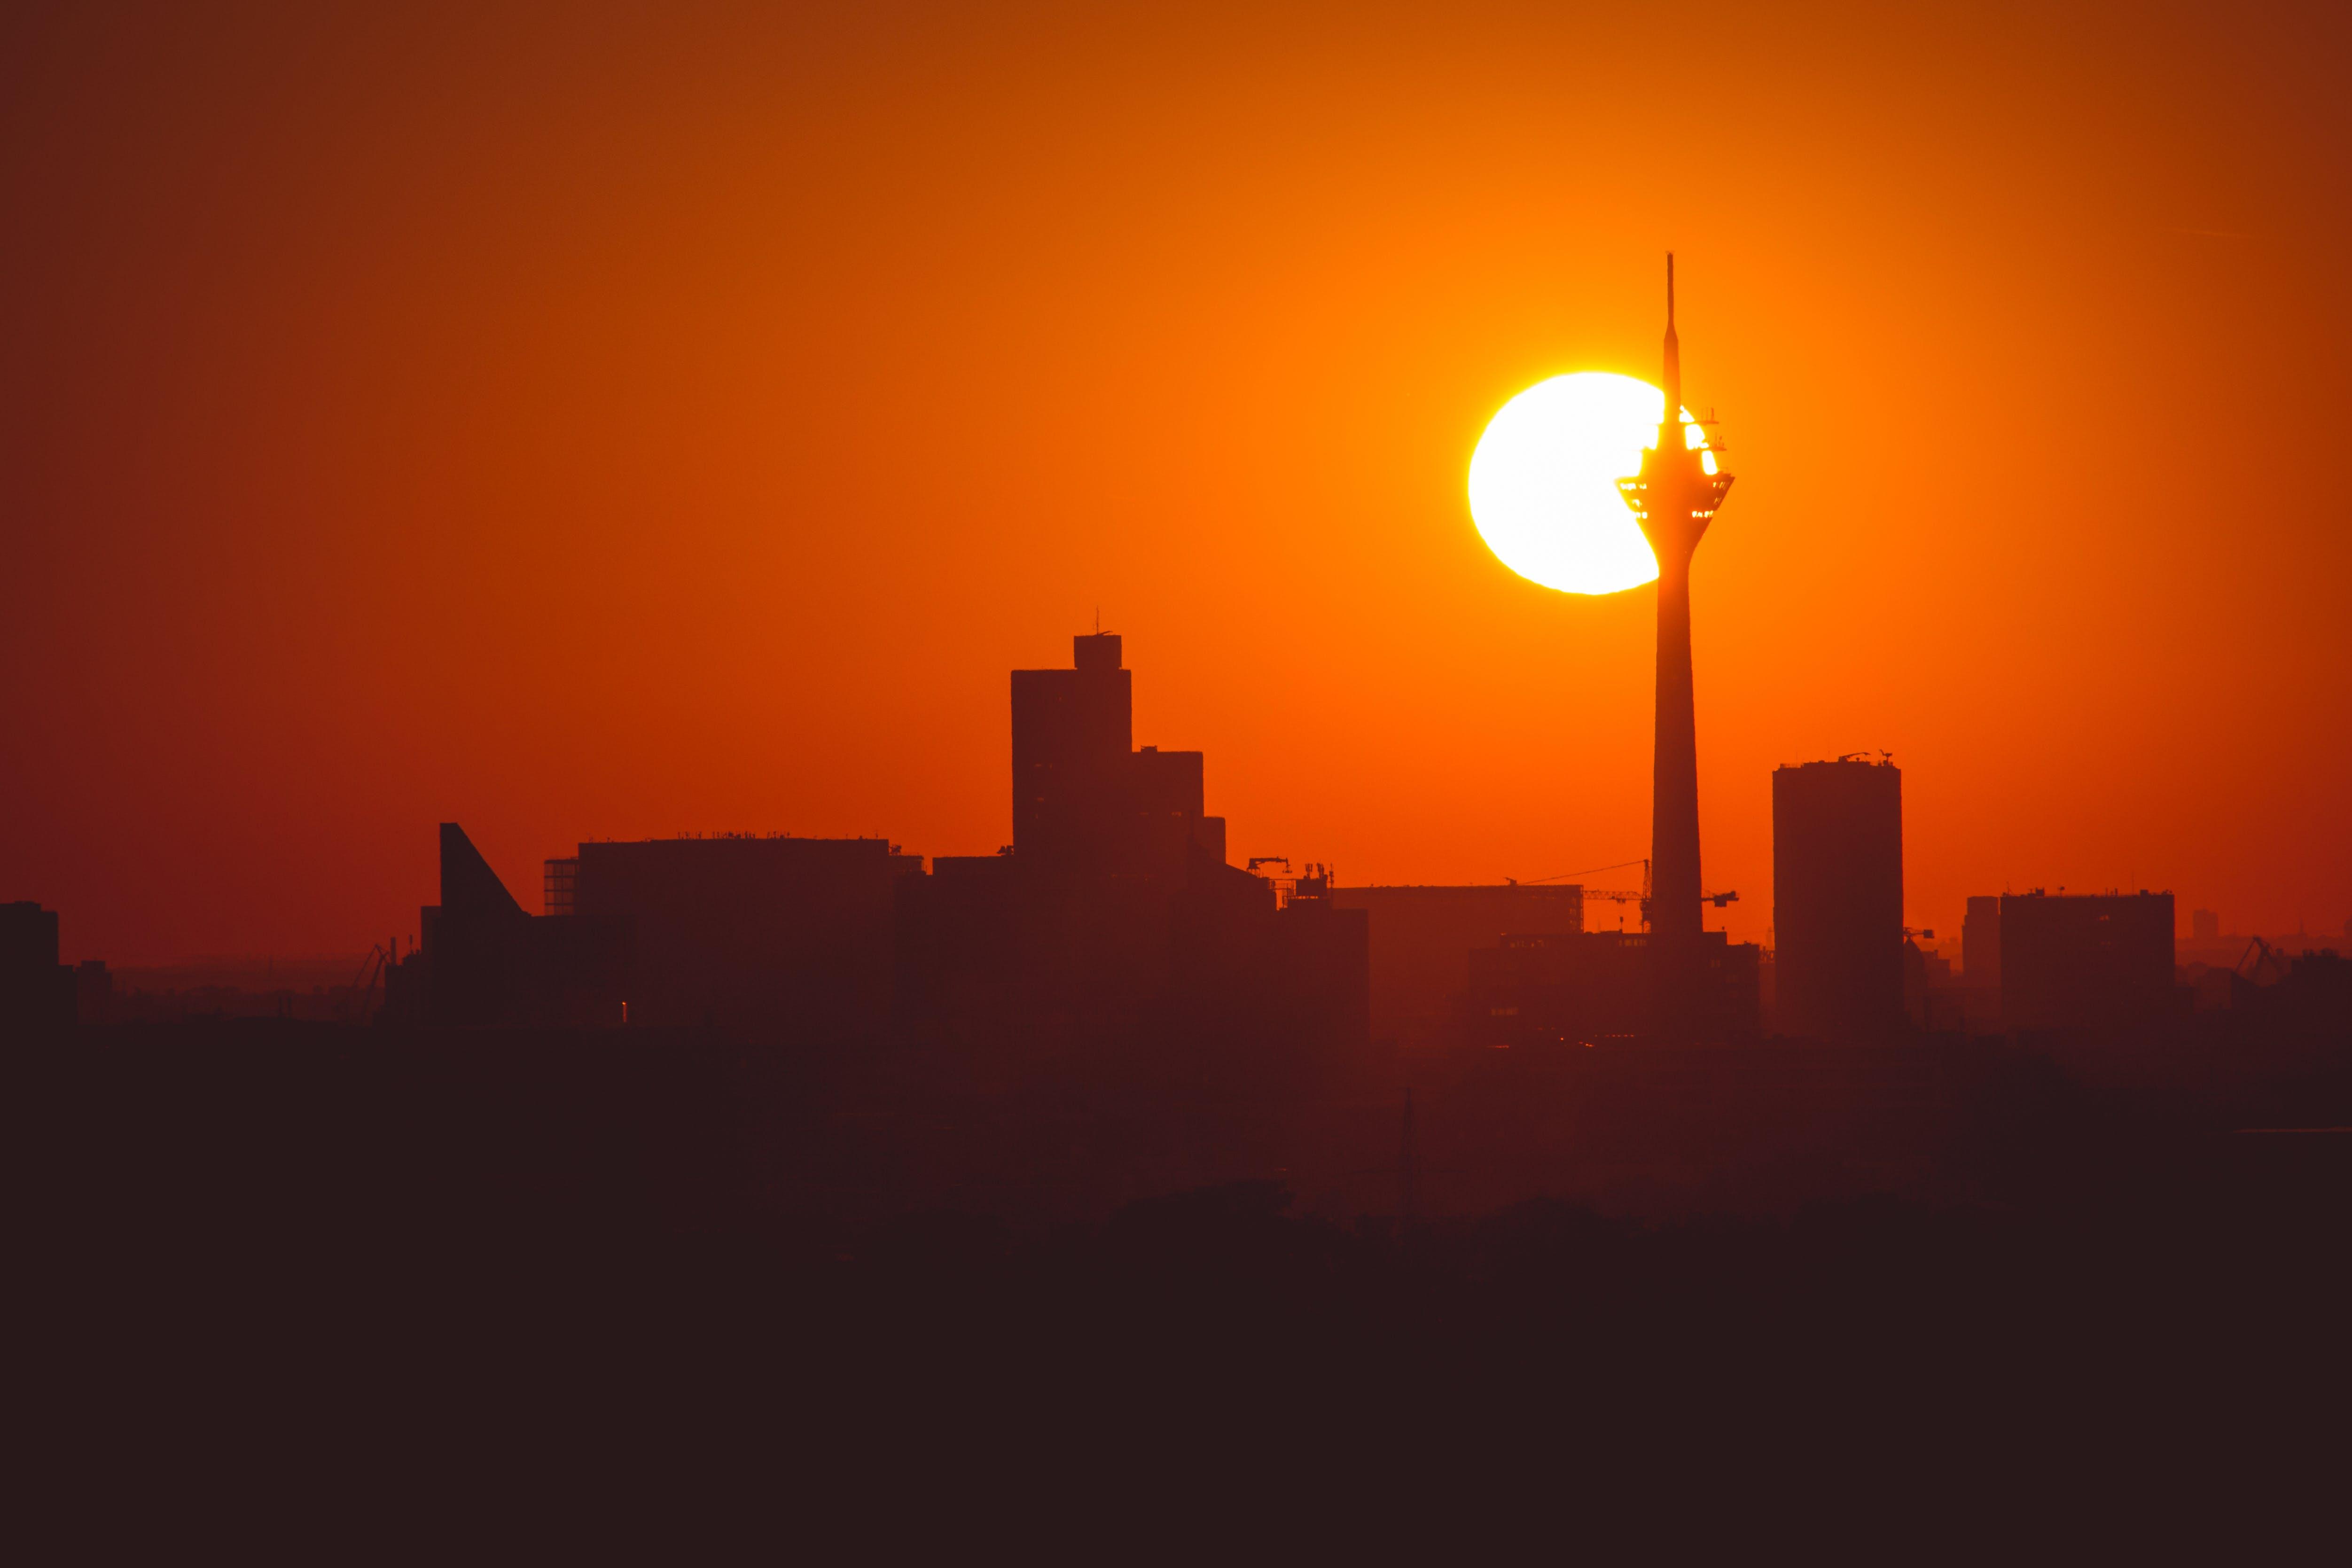 Δωρεάν στοκ φωτογραφιών με Fernsehturm, απογευματινός ήλιος, αρχιτεκτονική, αστικό τοπίο